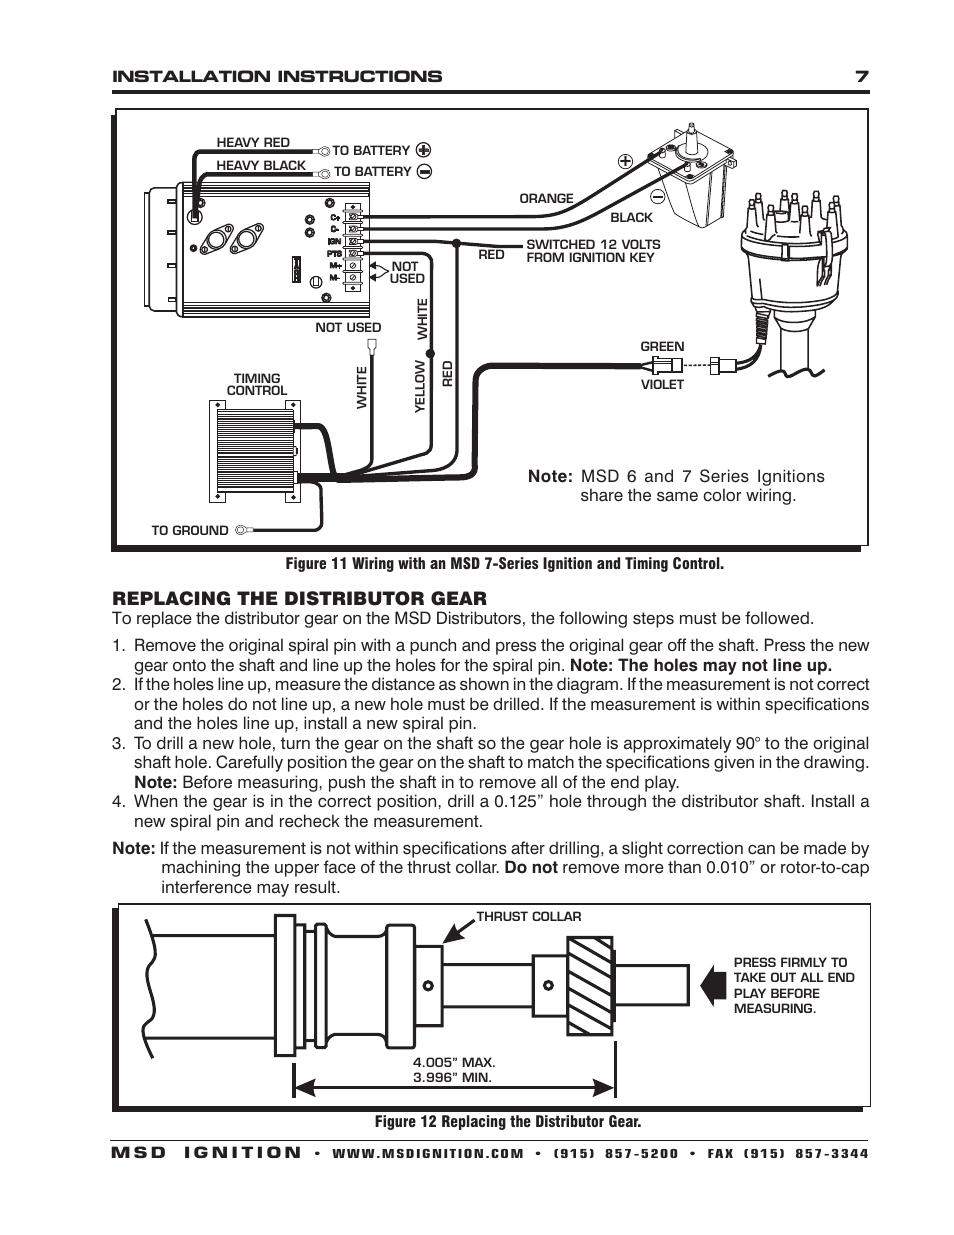 medium resolution of replacing the distributor gear msd 8584 ford v8 351w billet rh manualsdir com msd ignition 6al wiring diagram msd ignition 6al wiring diagram